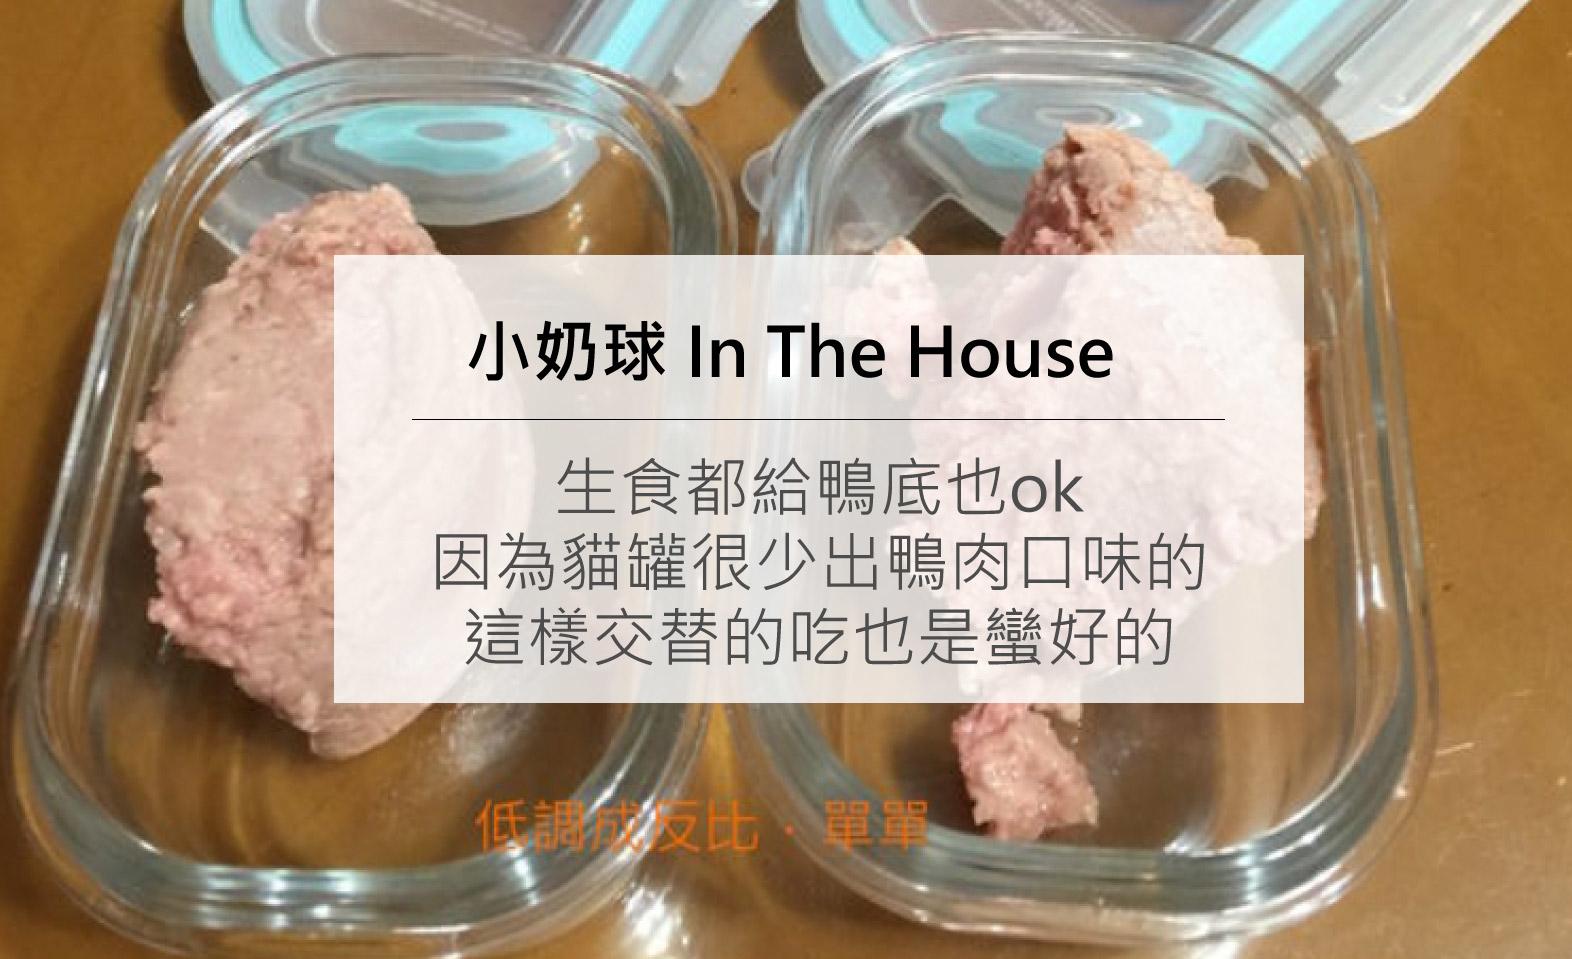 夏日的鴨肉生肉餐:貓罐很少出鴨肉口味的,這樣交替吃也是蠻好的。